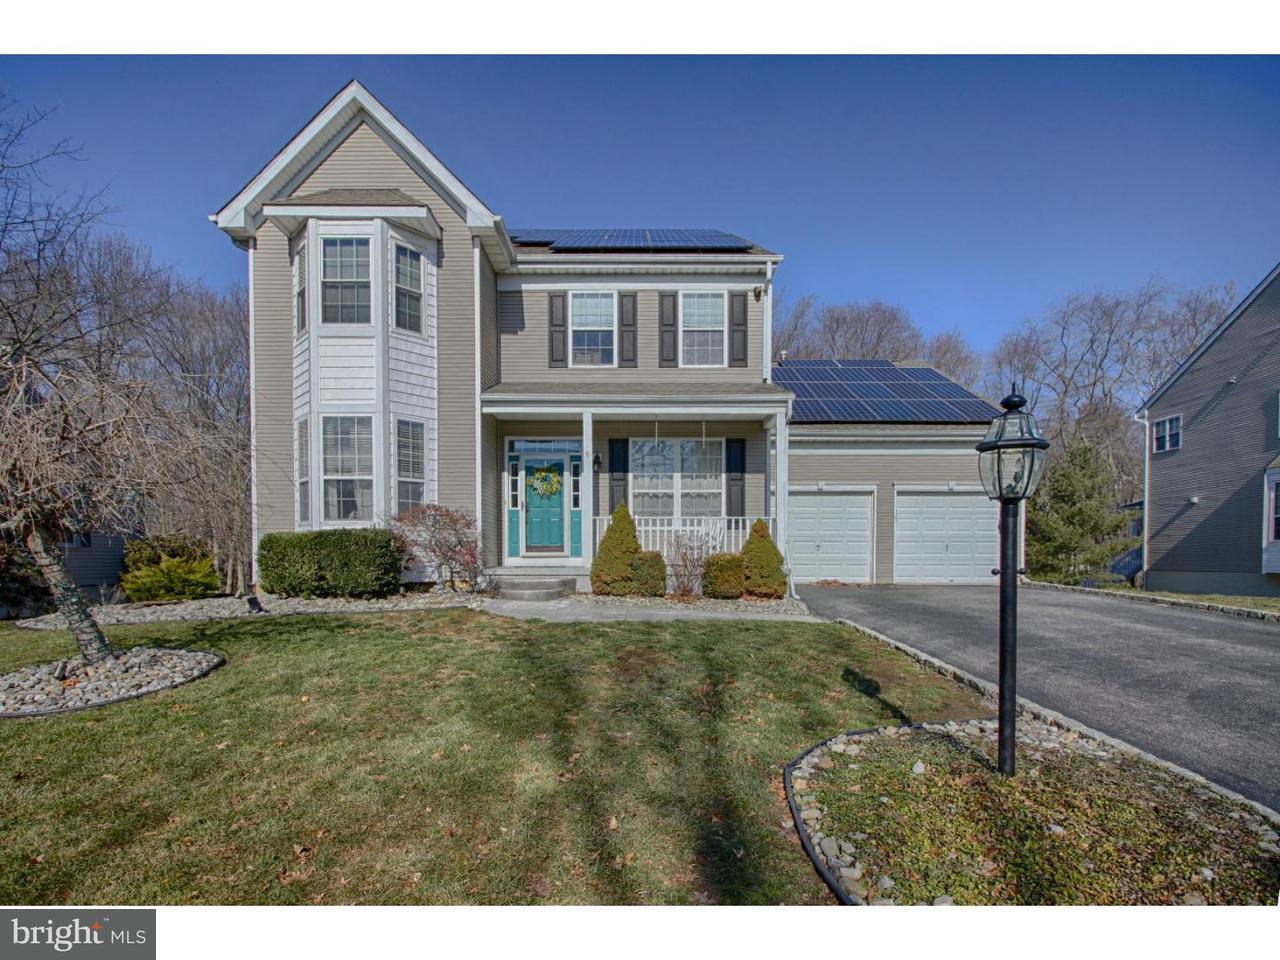 Maison unifamiliale pour l Vente à 8 GASKIN Drive Burlington, New Jersey 08016 États-Unis